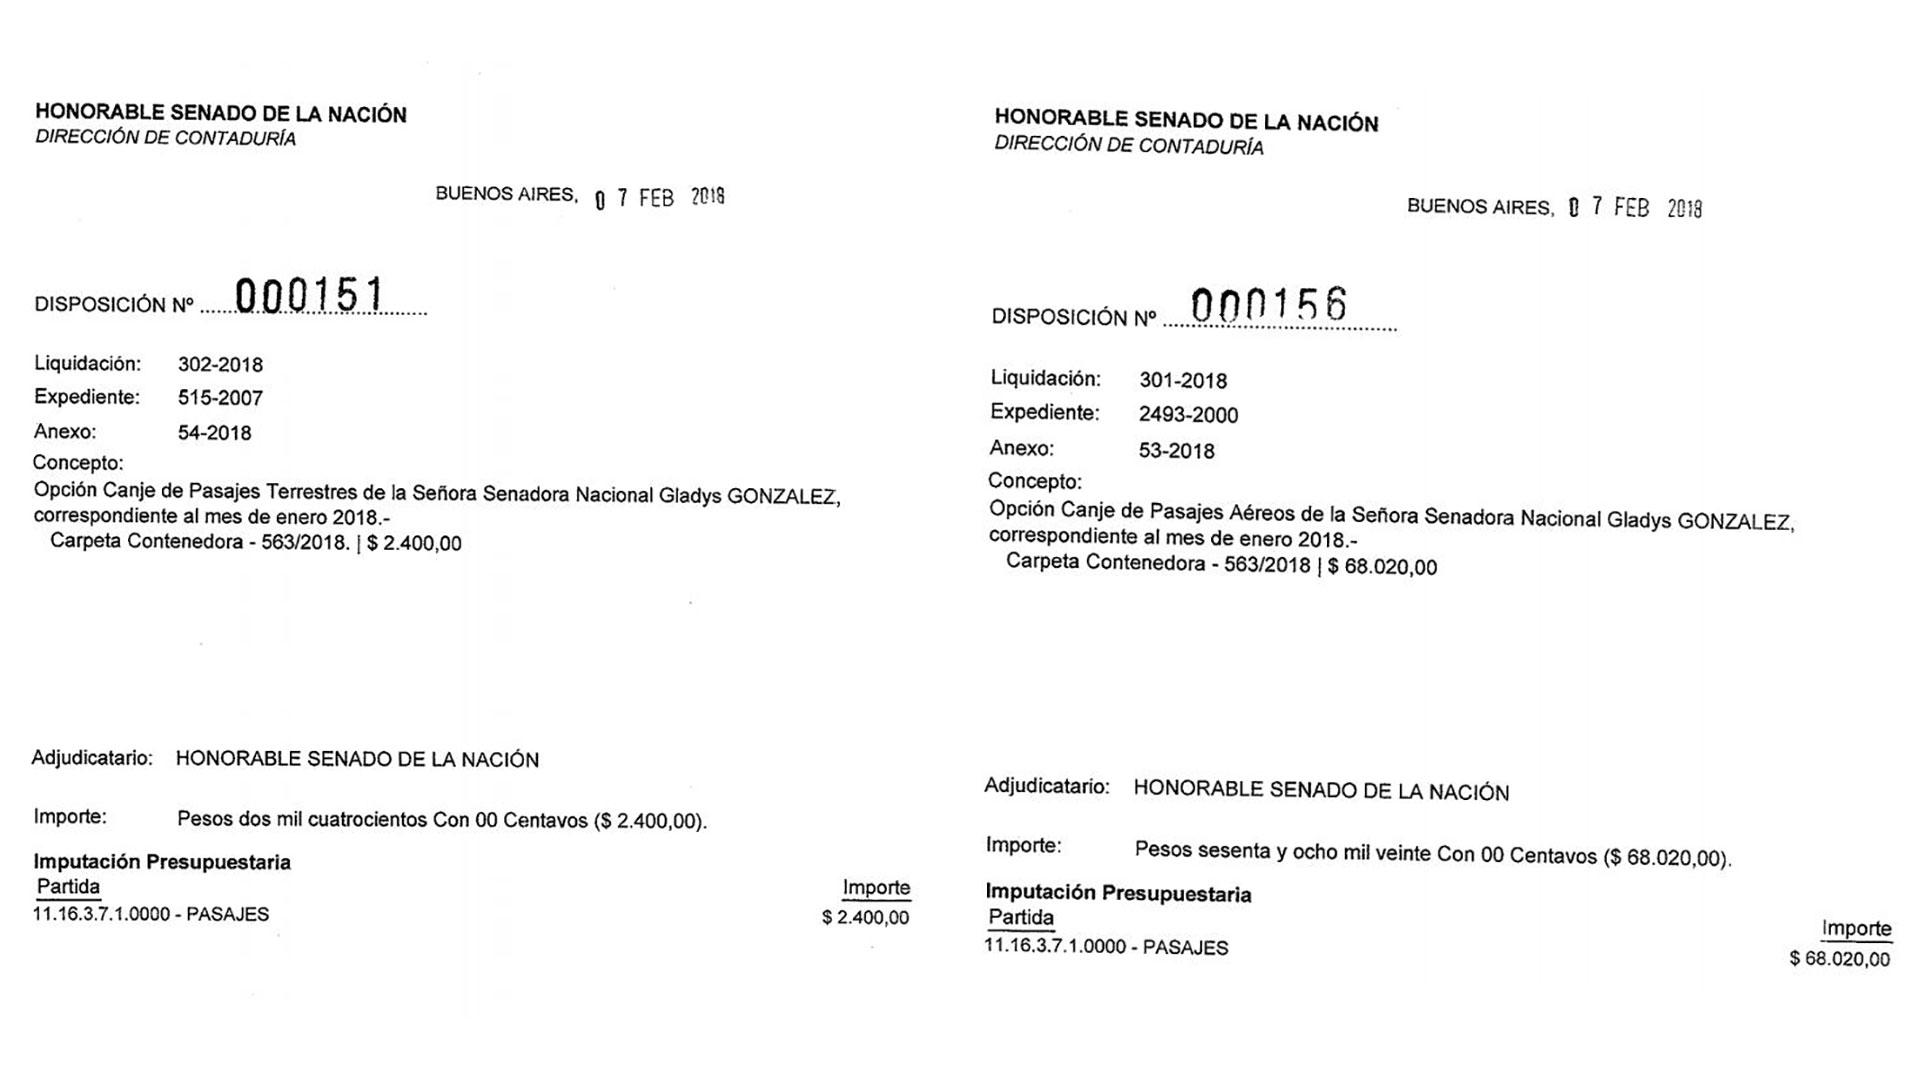 Las disposiciones 151 y 156 de 2018 de la Secretaría Administrativa aprobaron el canje de los pasajes de la senadora Gladys González.